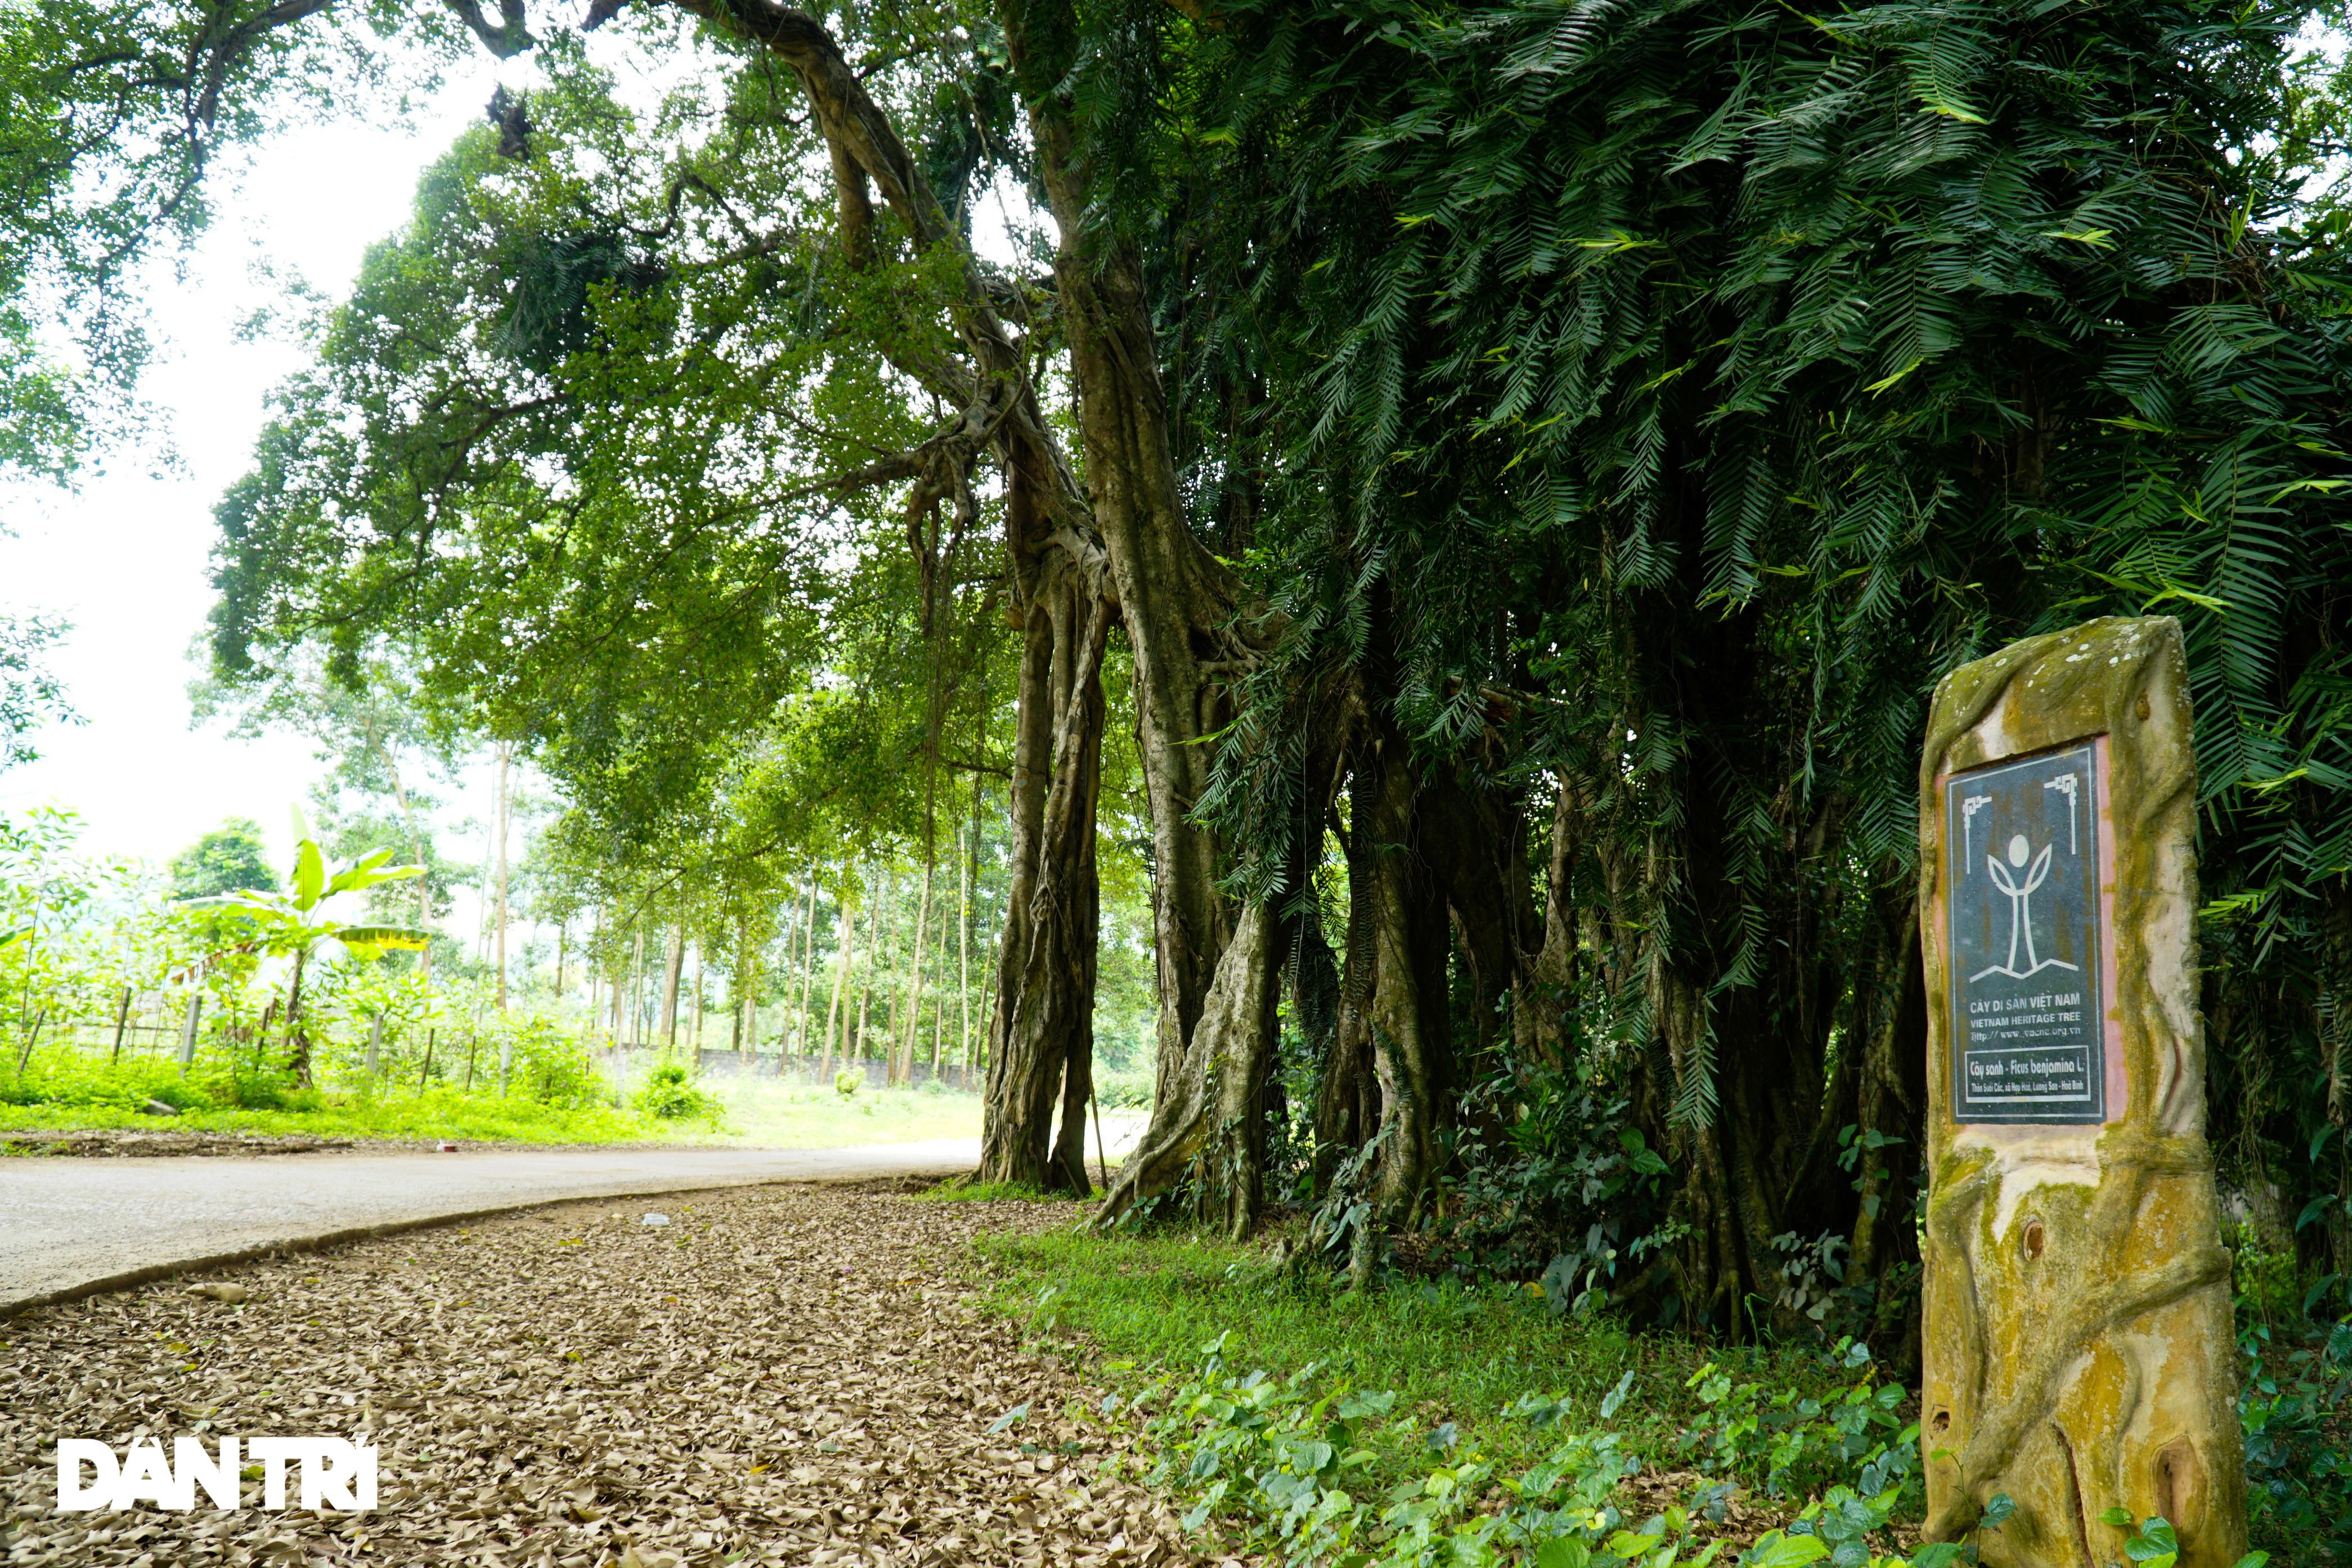 Tận mắt thấy cây ma làng tồn tại hơn 8 thế kỷ ở Hòa Bình - 5